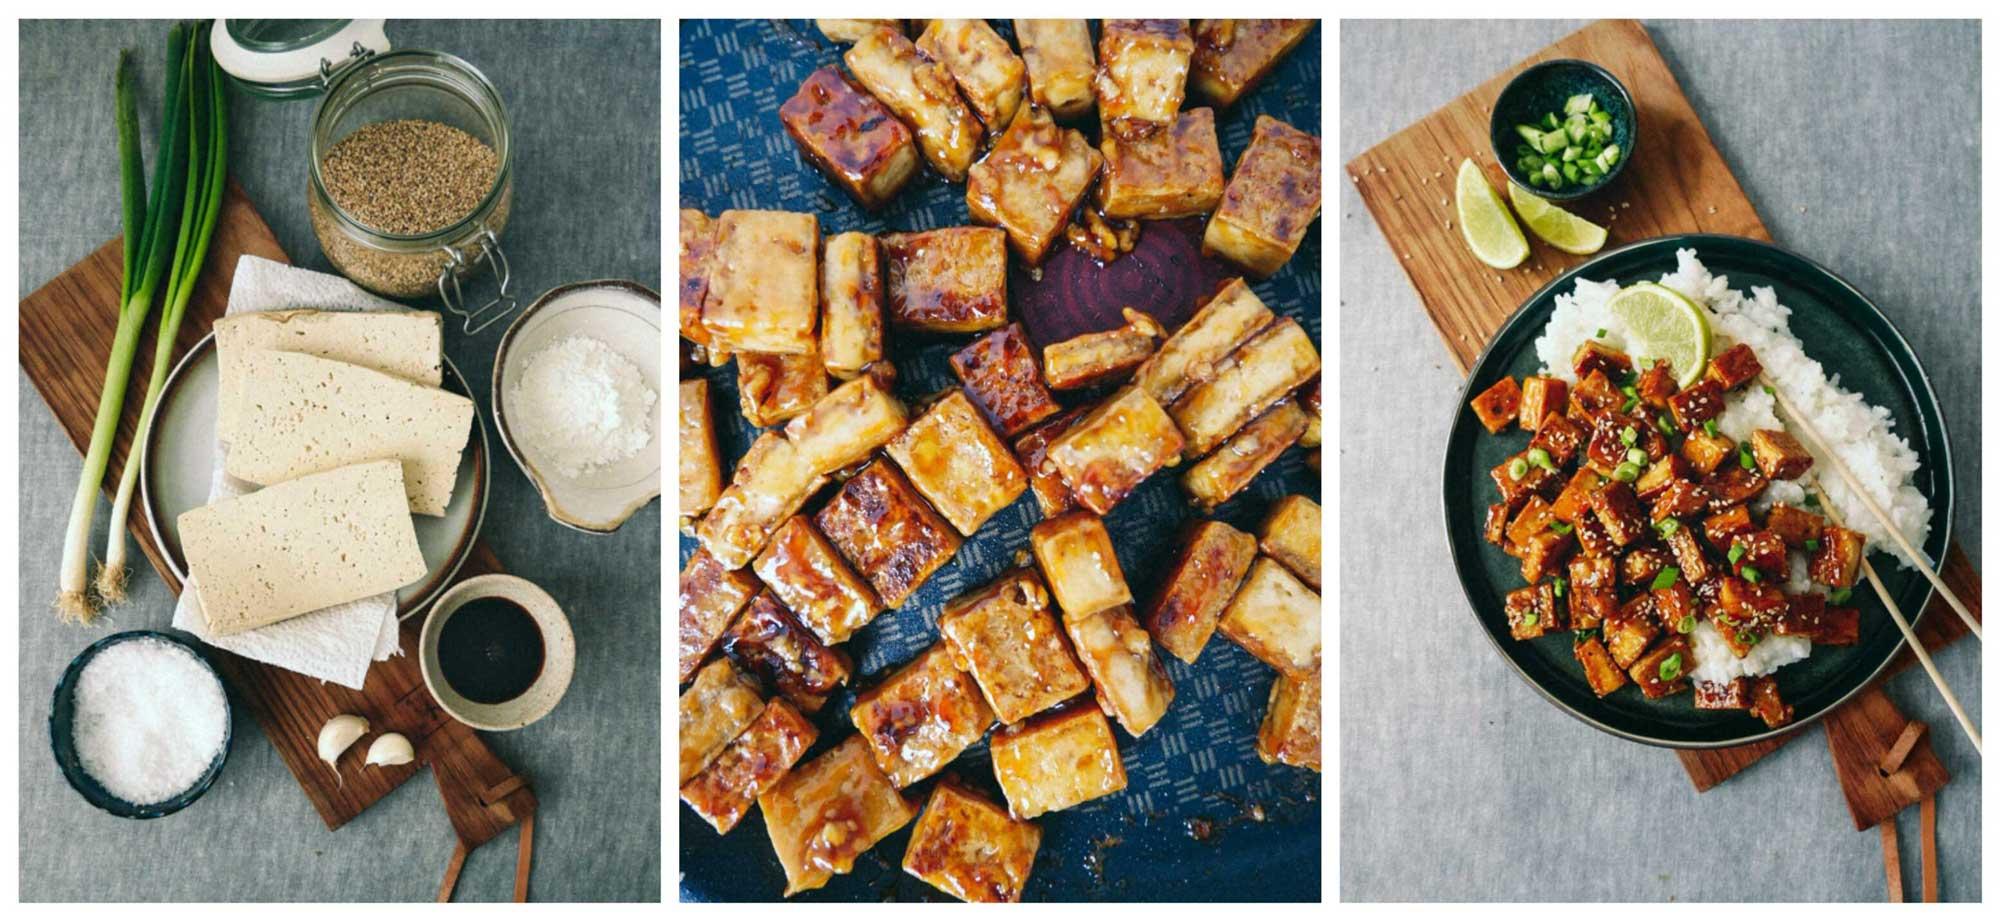 tofuopskrift med ris og marinade